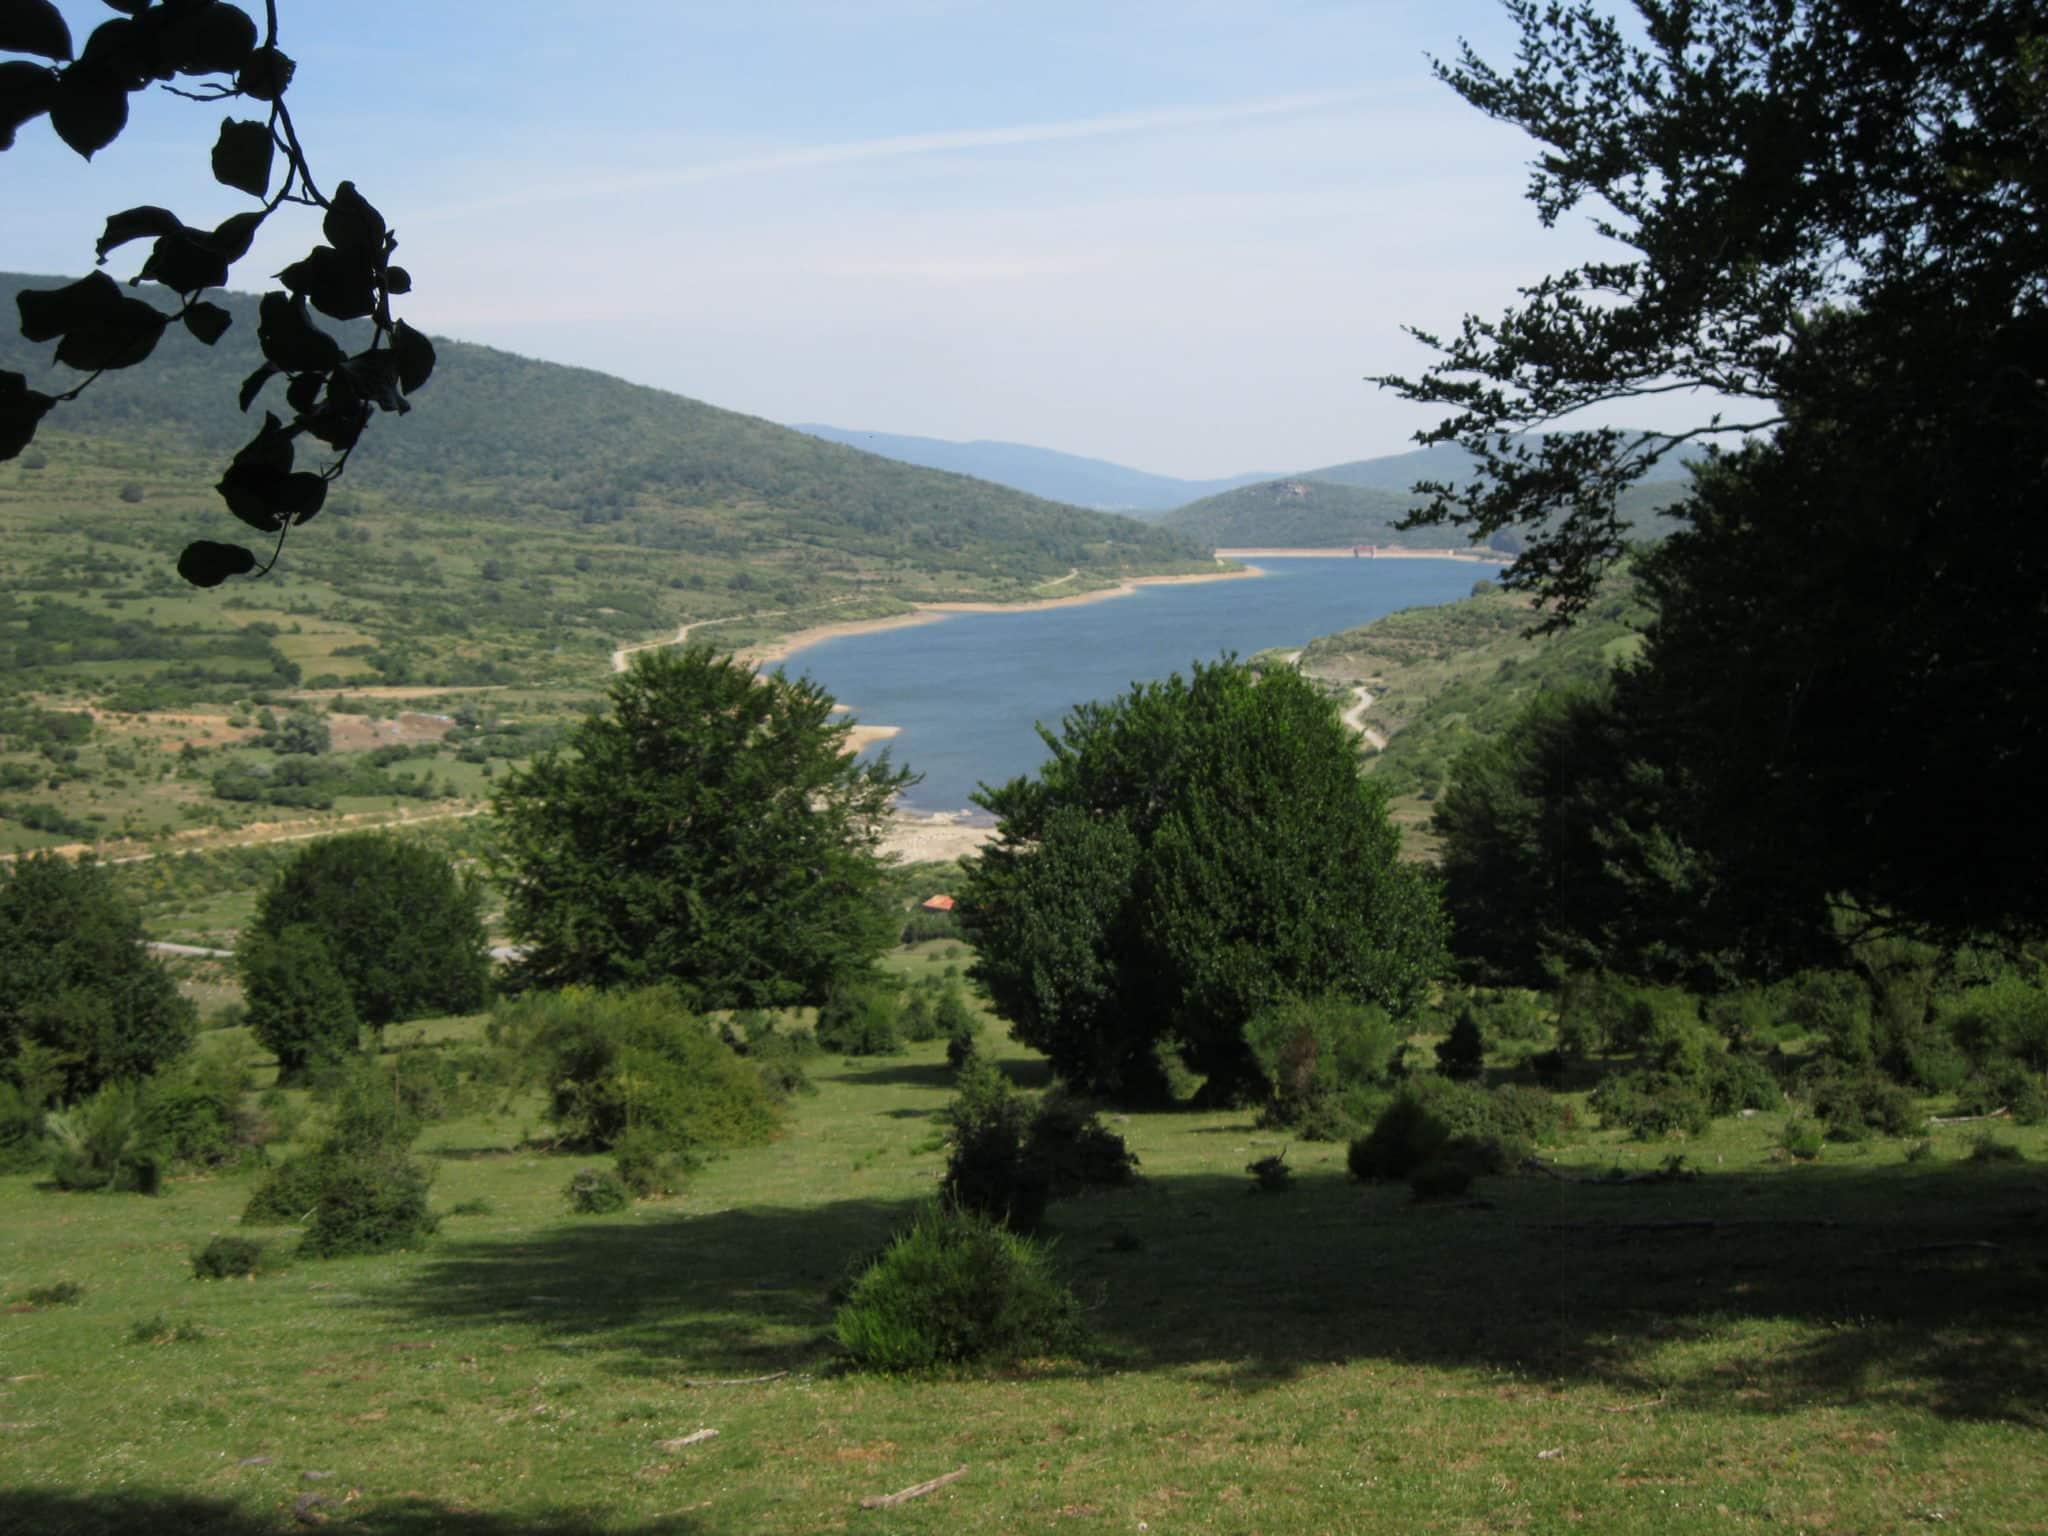 Sierra de Cebollera organiza un paseo guiado por la dehesa de hayas del Astonar para este domingo 11 de octubre 1